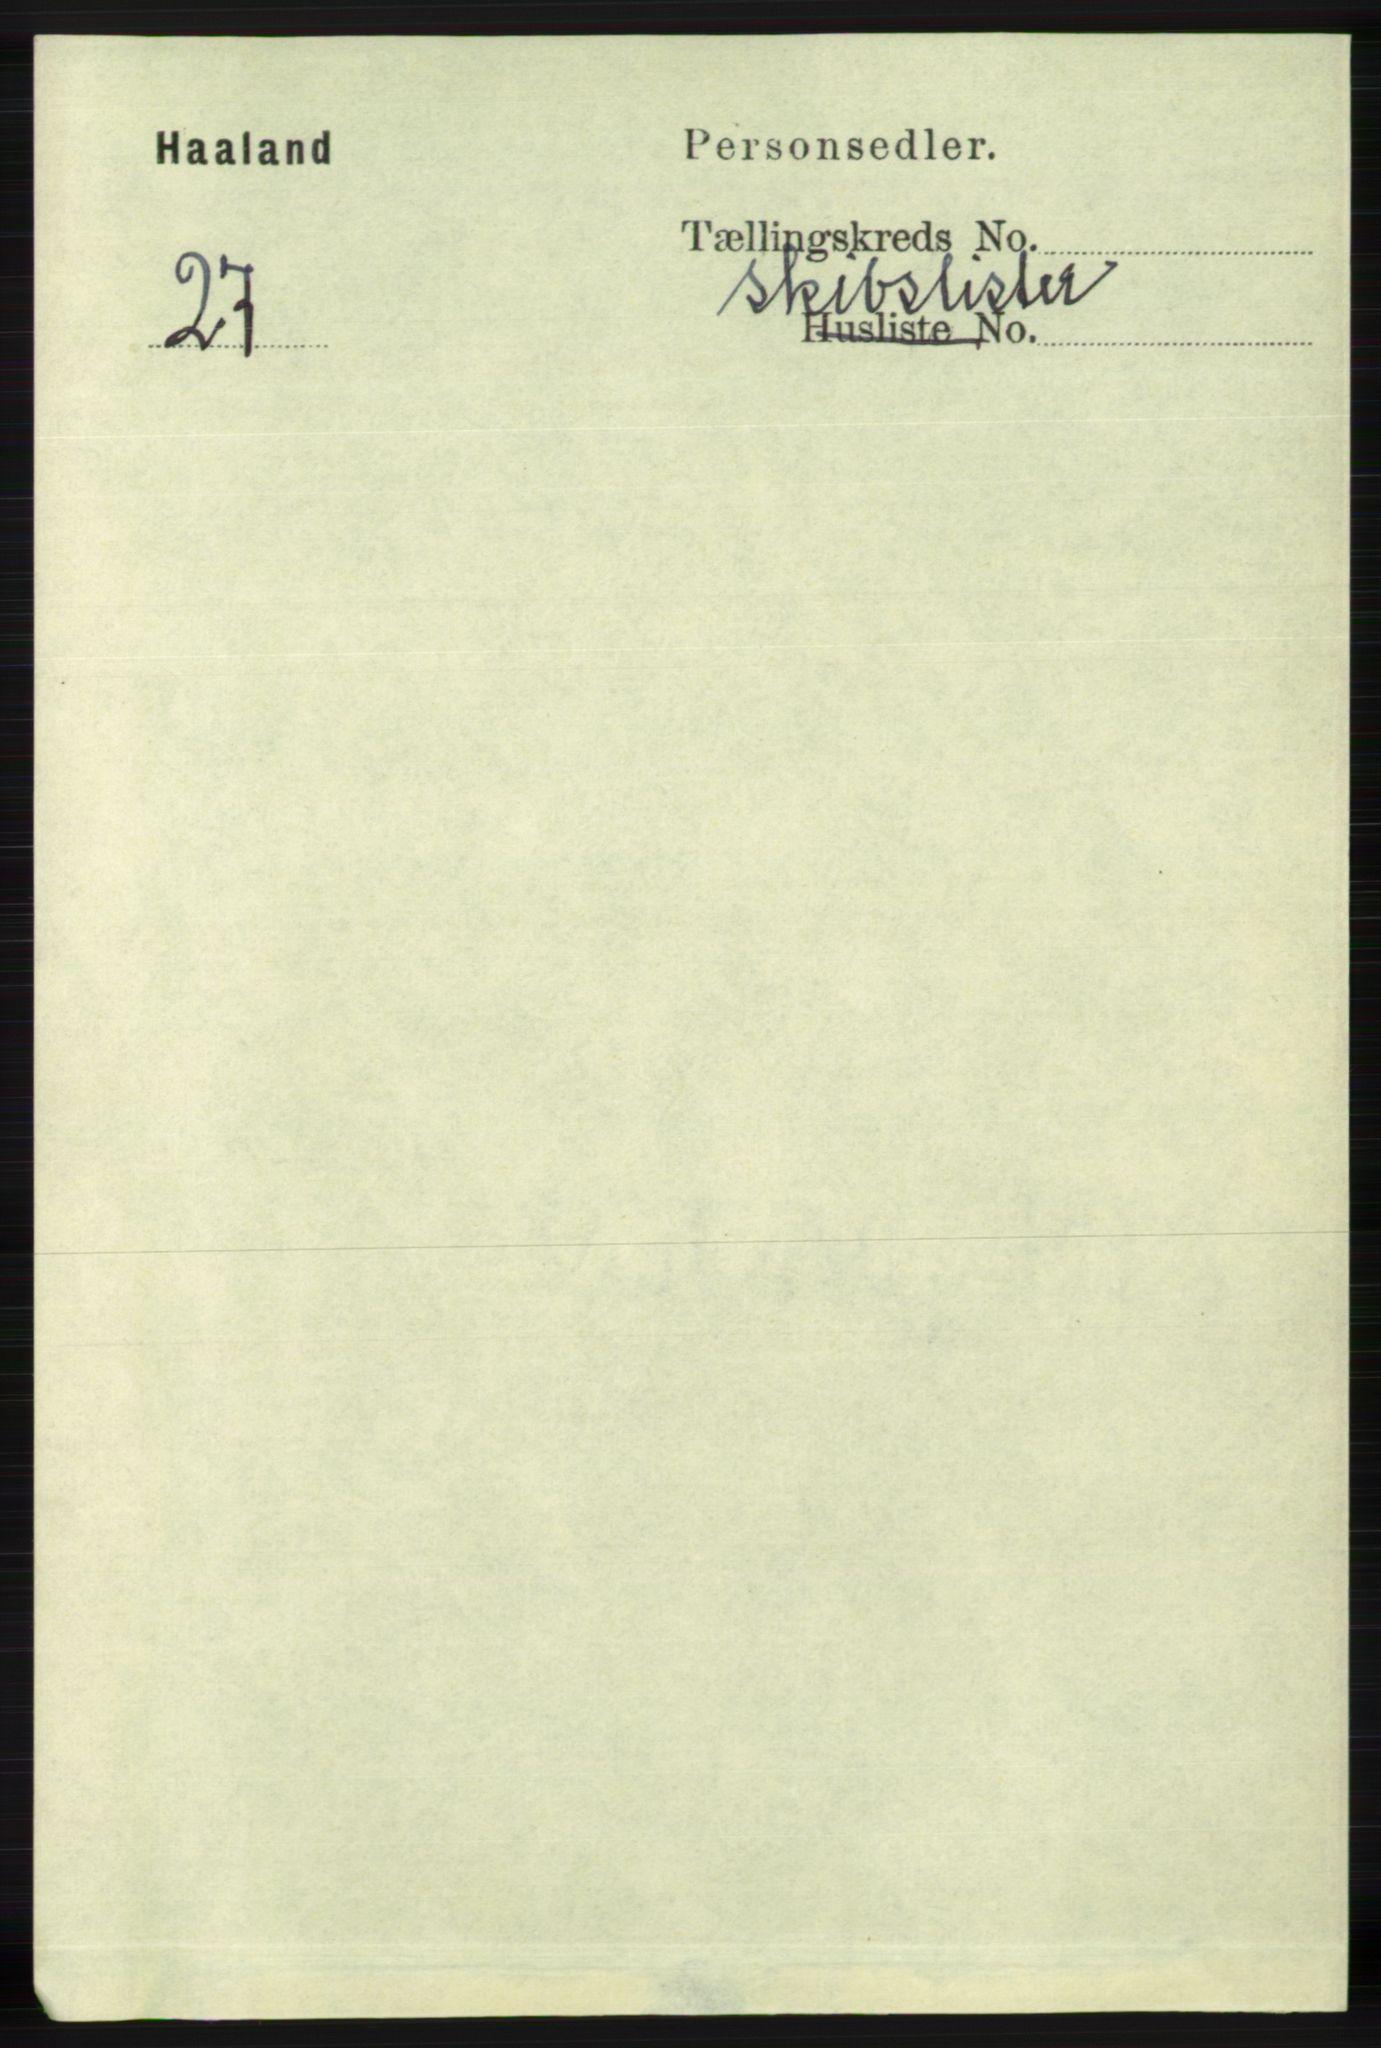 RA, Folketelling 1891 for 1124 Haaland herred, 1891, s. 4085